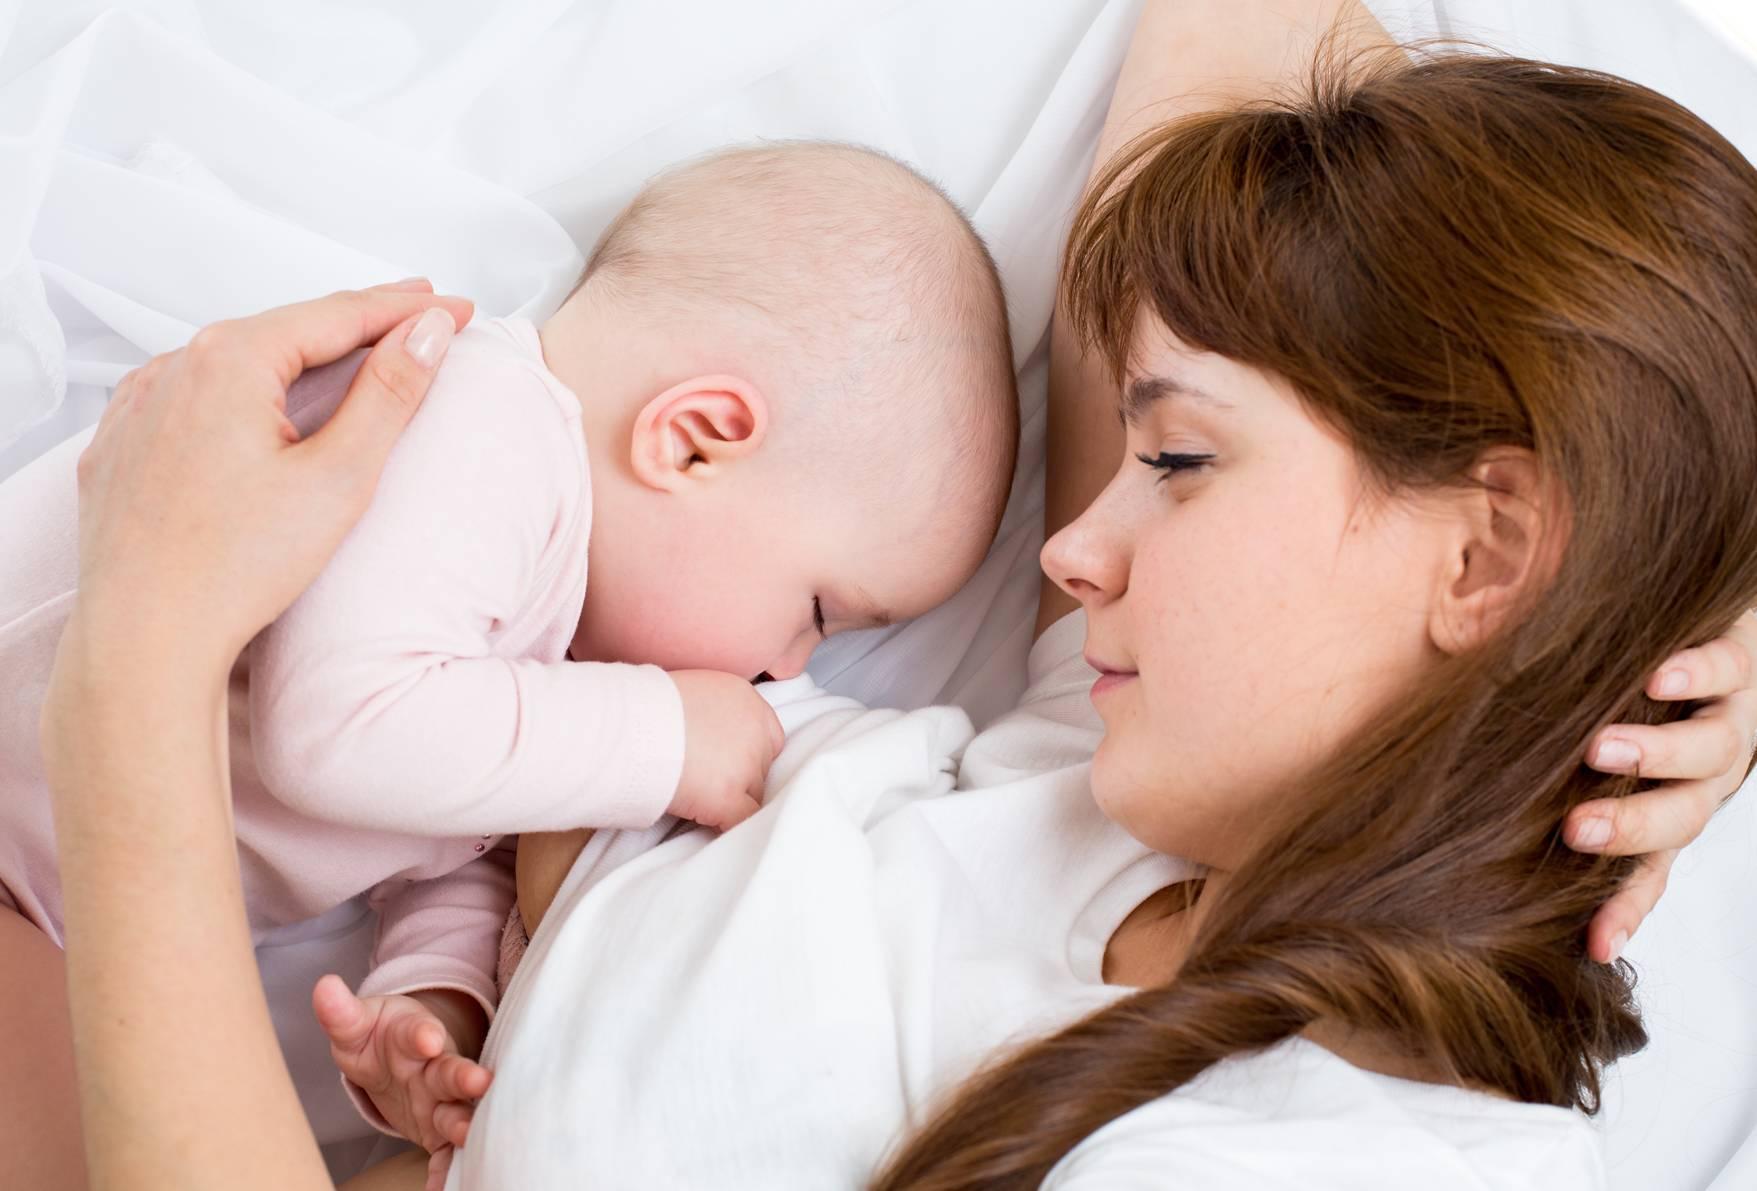 Отучаем грудного ребенка от груди правильно — методы, мифы, чего нельзя делать